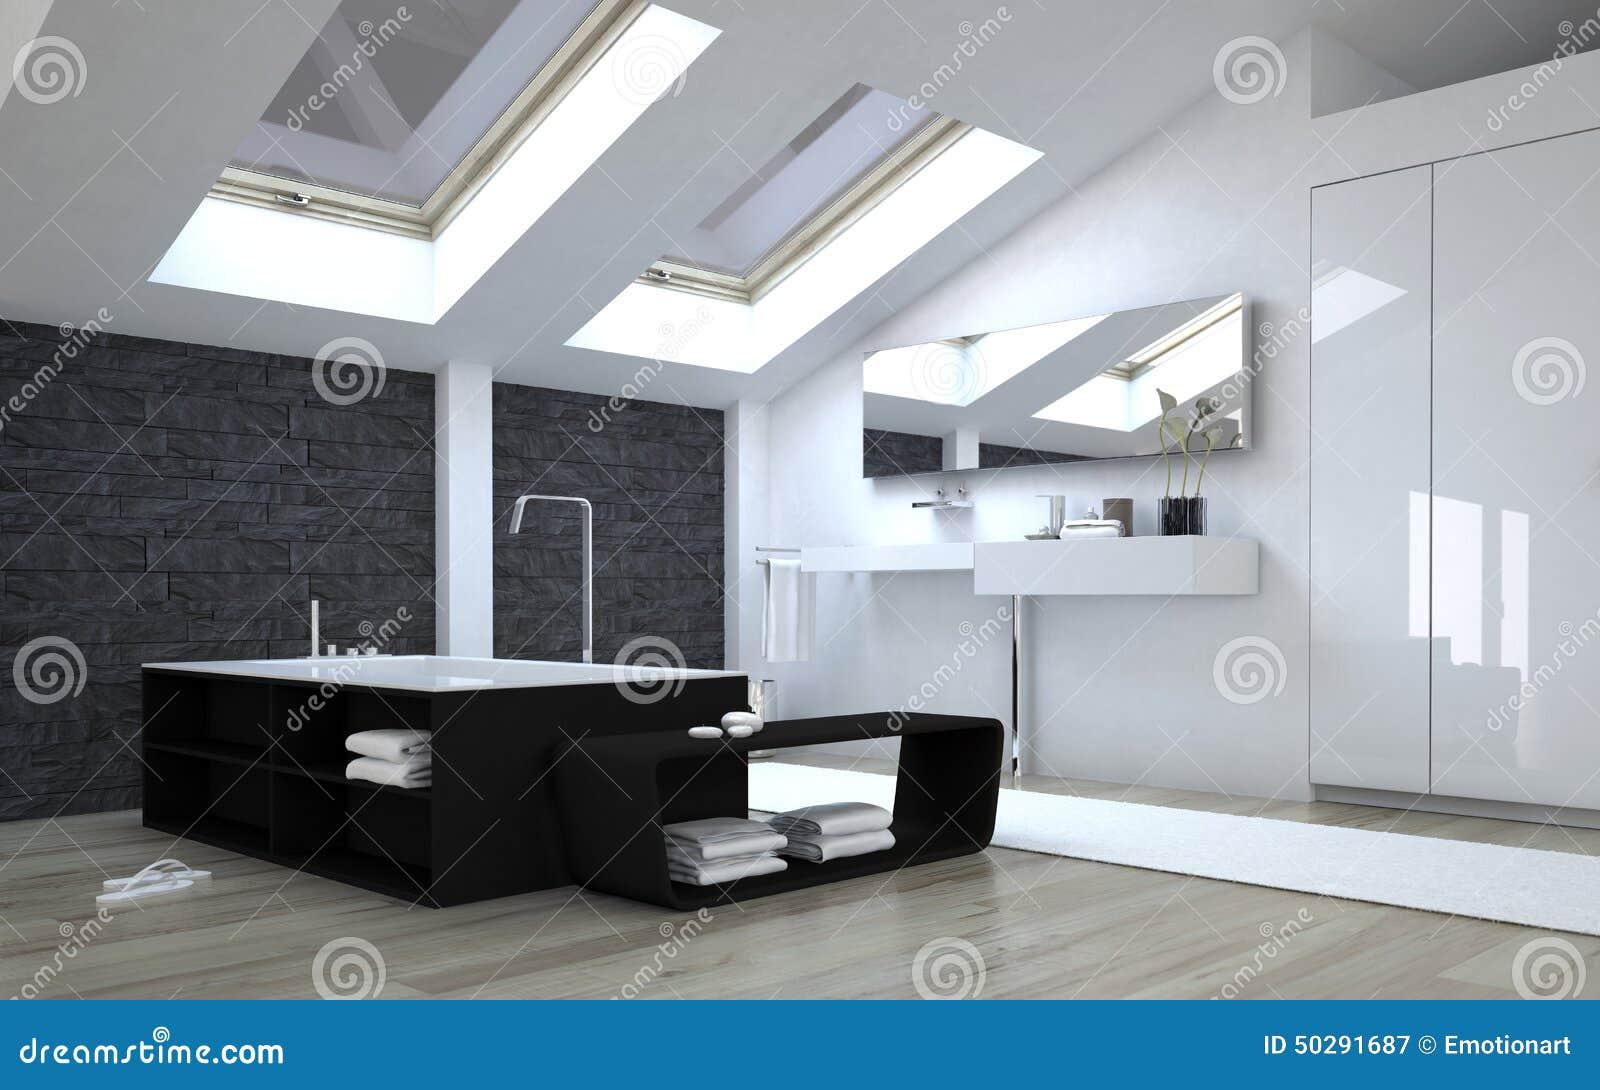 Download Modernes Schwarzweiss Badezimmer Mit Oberlichtern Stock Abbildung    Illustration Von Luxus, Flip: